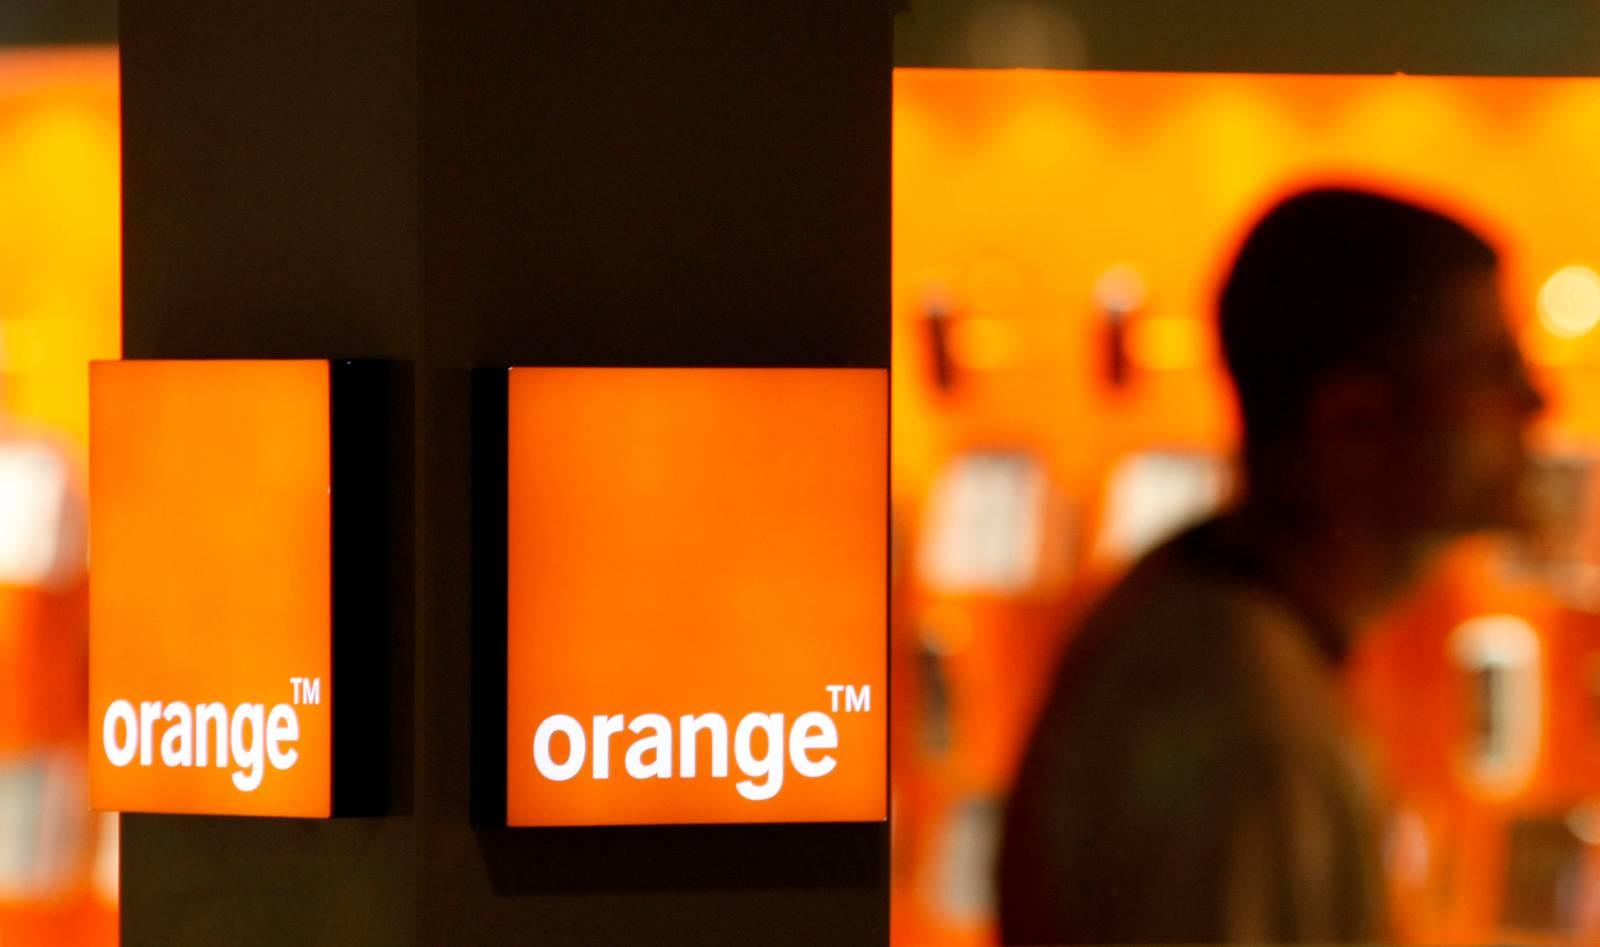 Telefoane Mobile de la Orange care au REDUCERI foarte BUNE acum in Romania